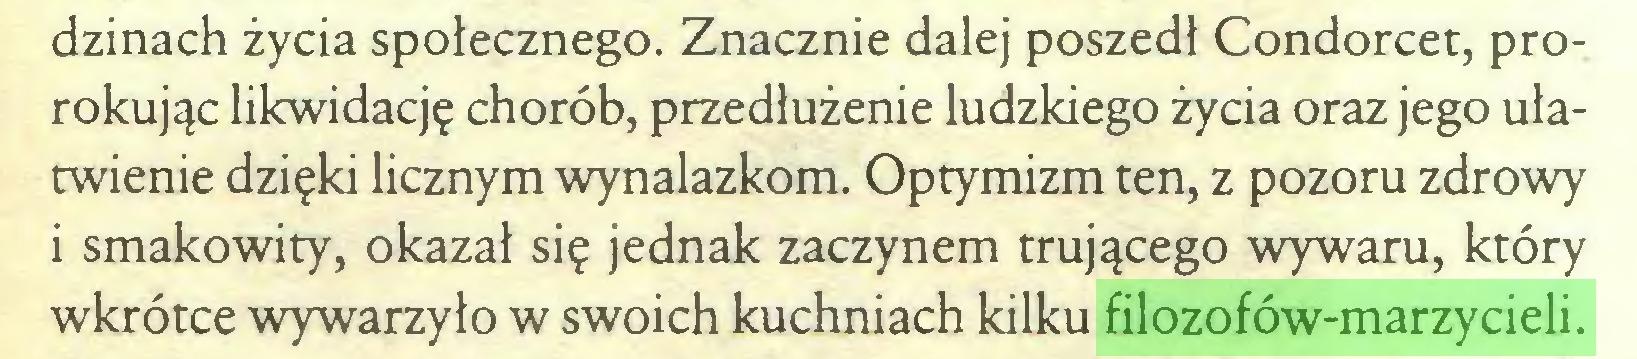 (...) dzinach życia społecznego. Znacznie dalej poszedł Condorcet, prorokując likwidację chorób, przedłużenie ludzkiego życia oraz jego ułatwienie dzięki licznym wynalazkom. Optymizm ten, z pozoru zdrowy i smakowity, okazał się jednak zaczynem trującego wywaru, który wkrótce wywarzyło w swoich kuchniach kilku filozofów-marzycieli...